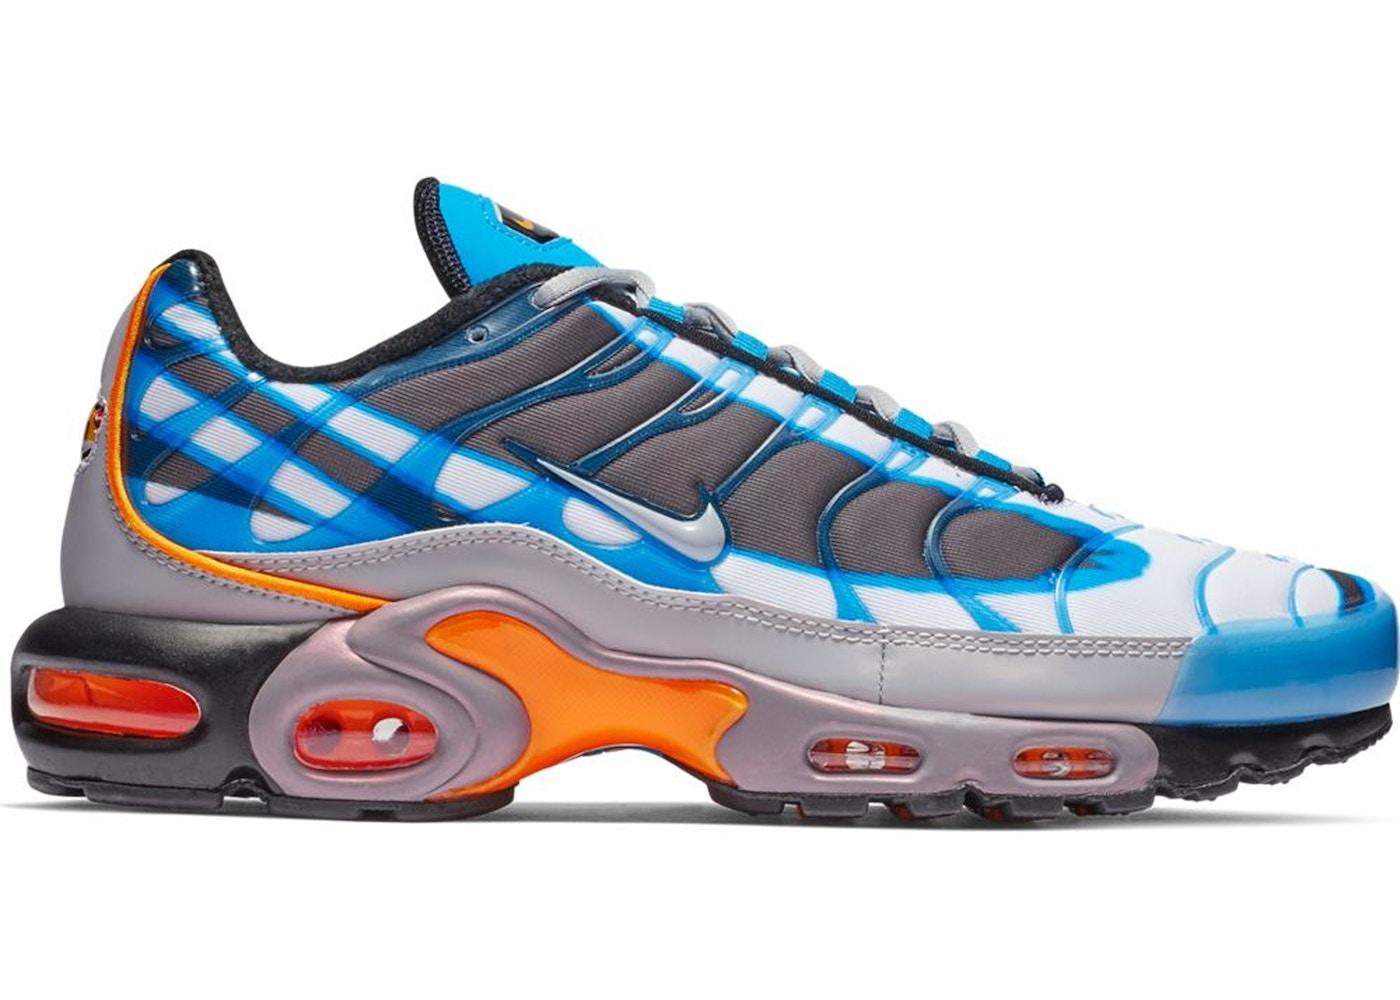 Kaufen Nike Air Max Plus Schuhe und brandneue, ungetragene